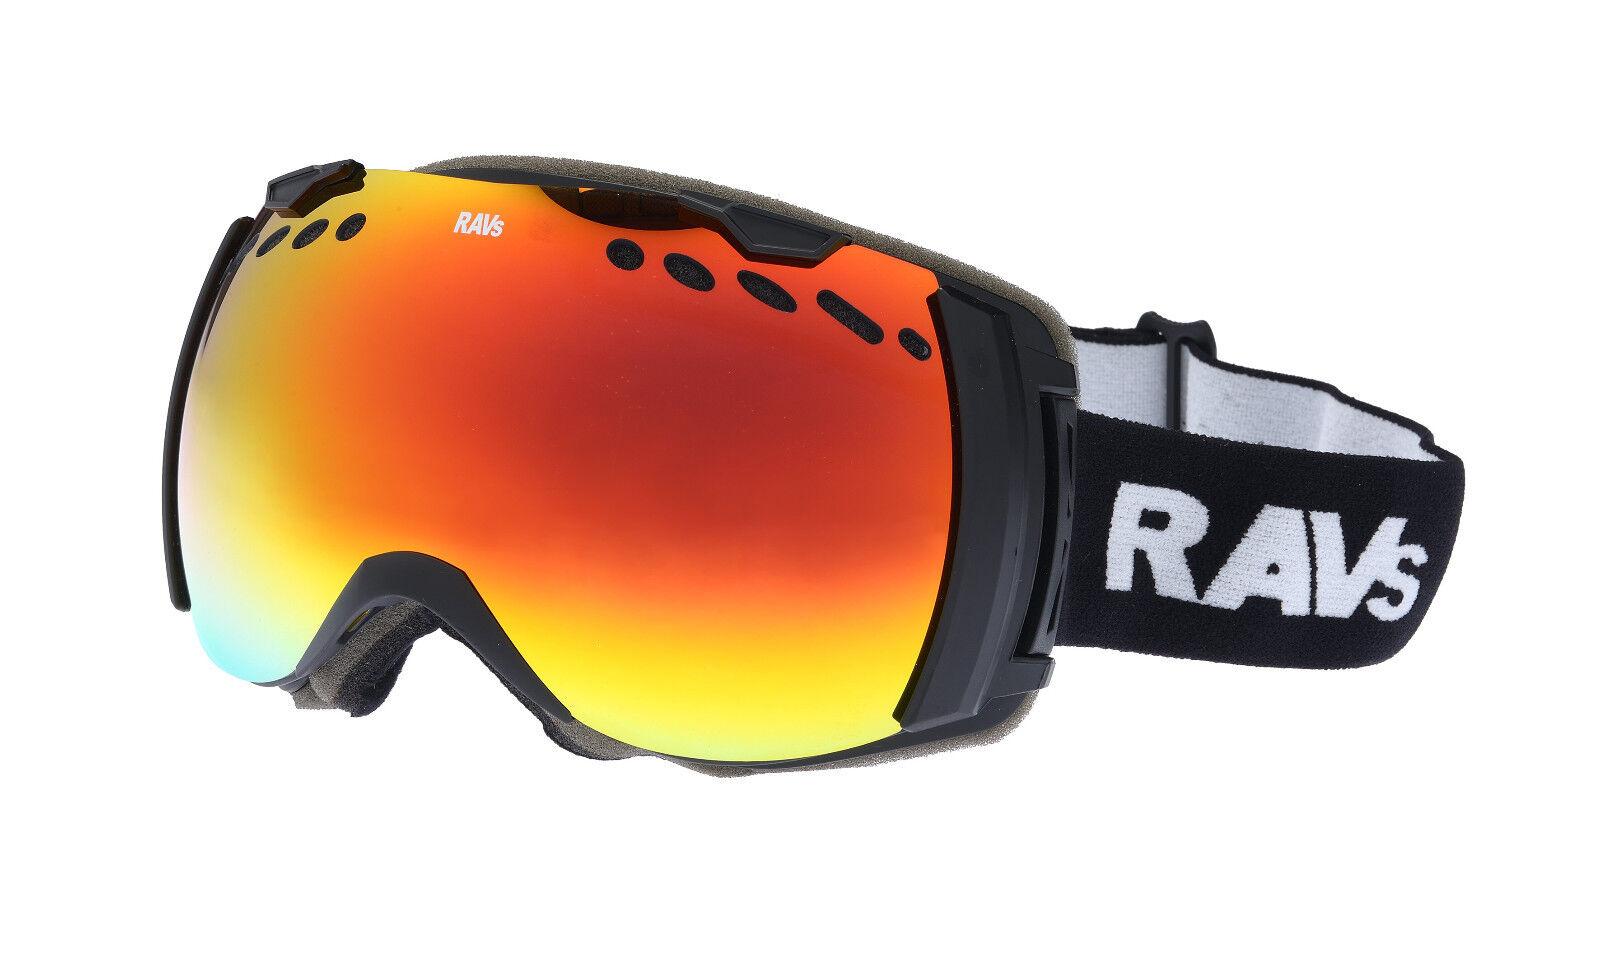 Ravs Schutzbrille Skibrille Snowboardbrille Schneebrille AUCH für Brillenträger